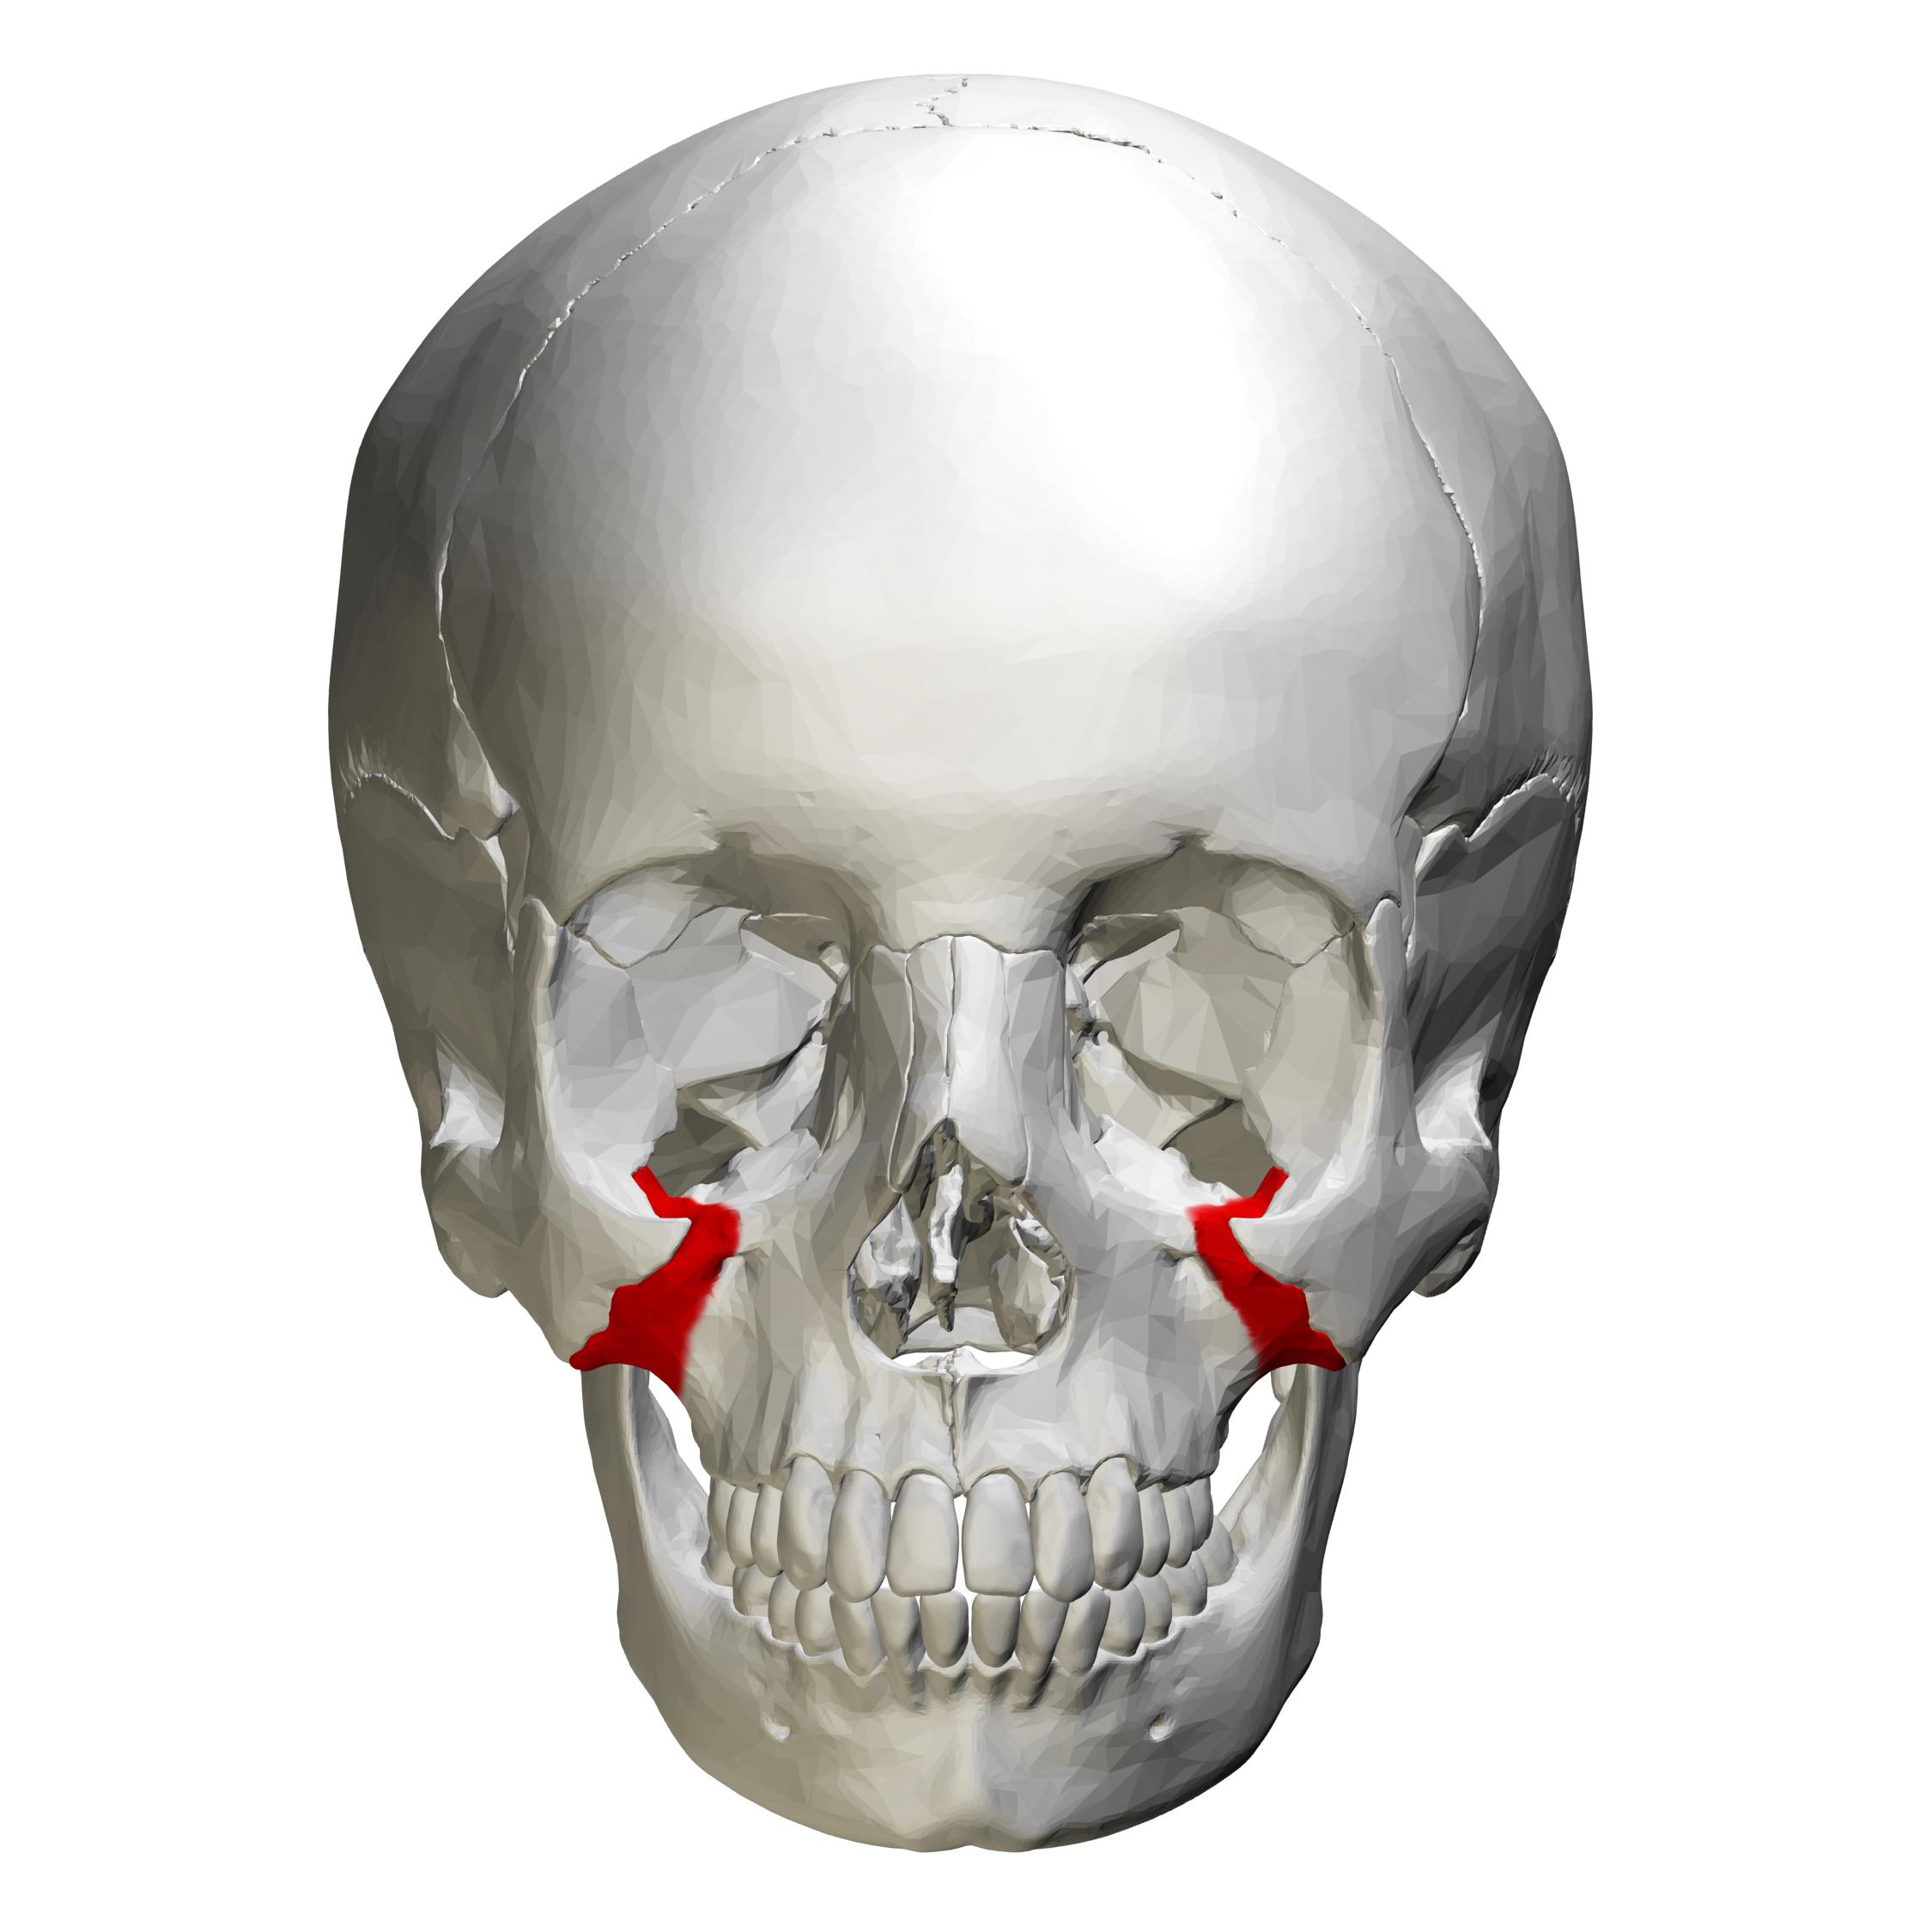 Zygomatic process of maxilla - Wikiwand